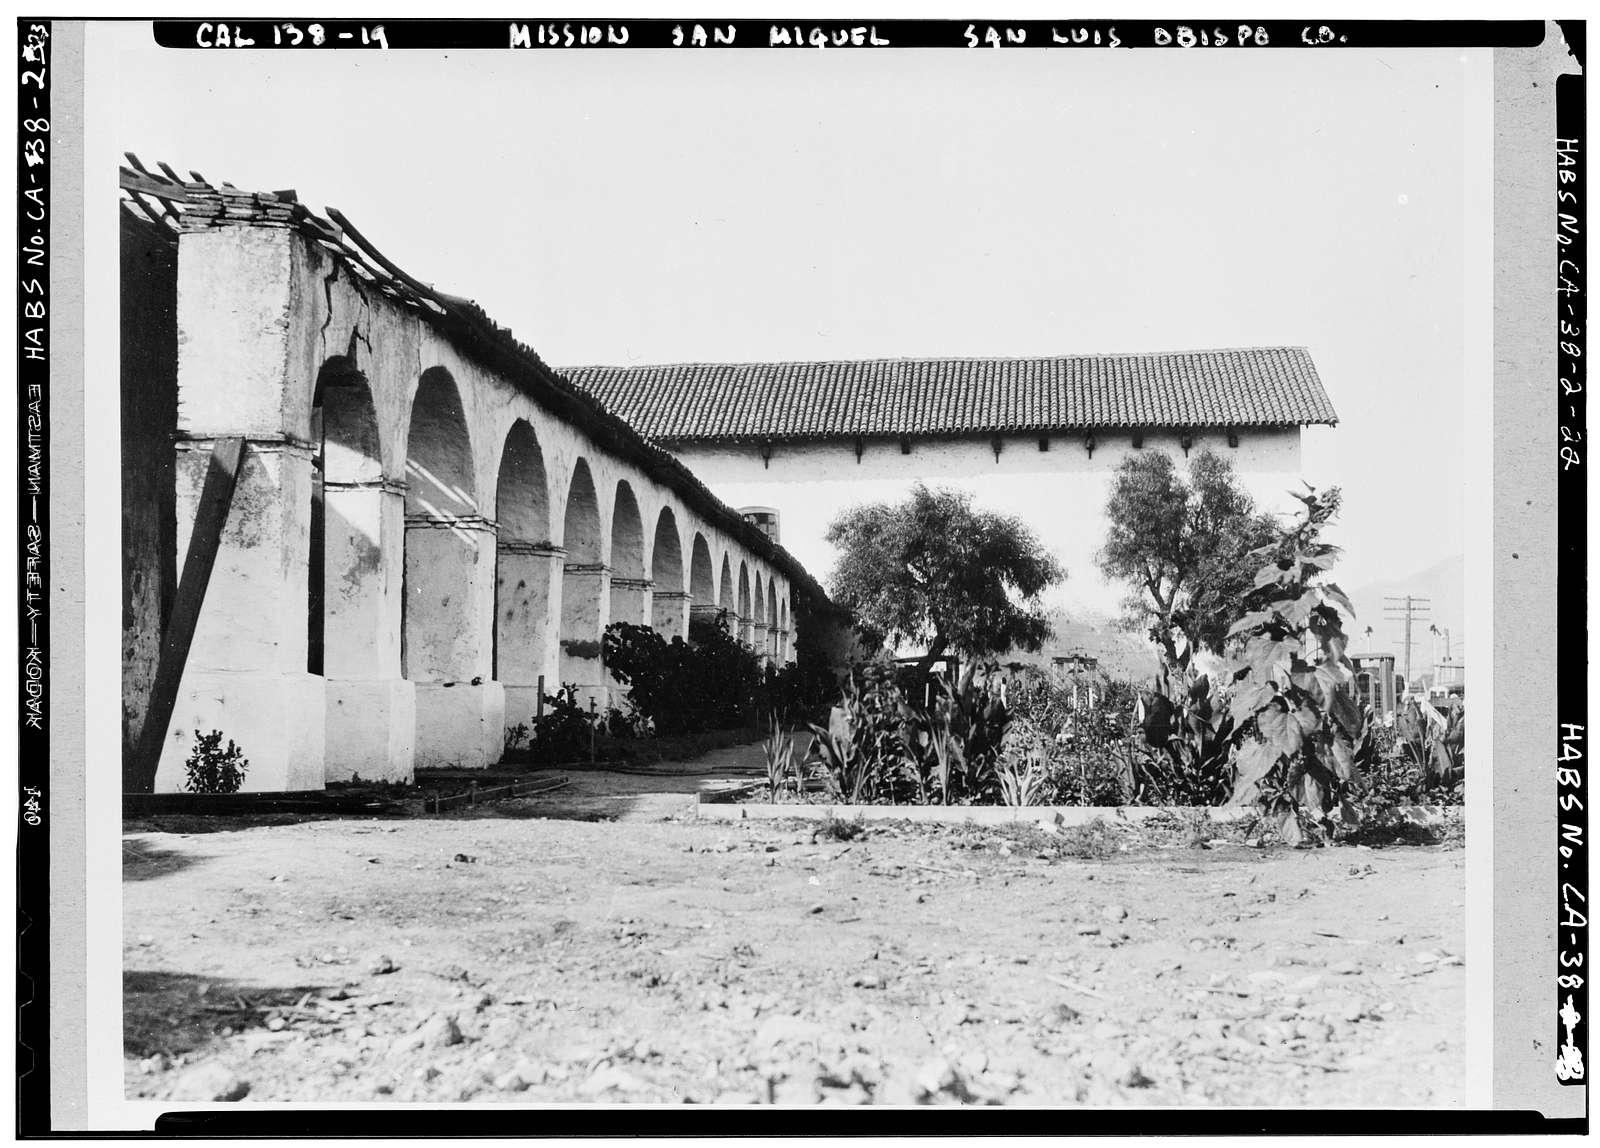 Mission San Miguel Arcangel, Highway 101, San Miguel, San Luis Obispo County, CA